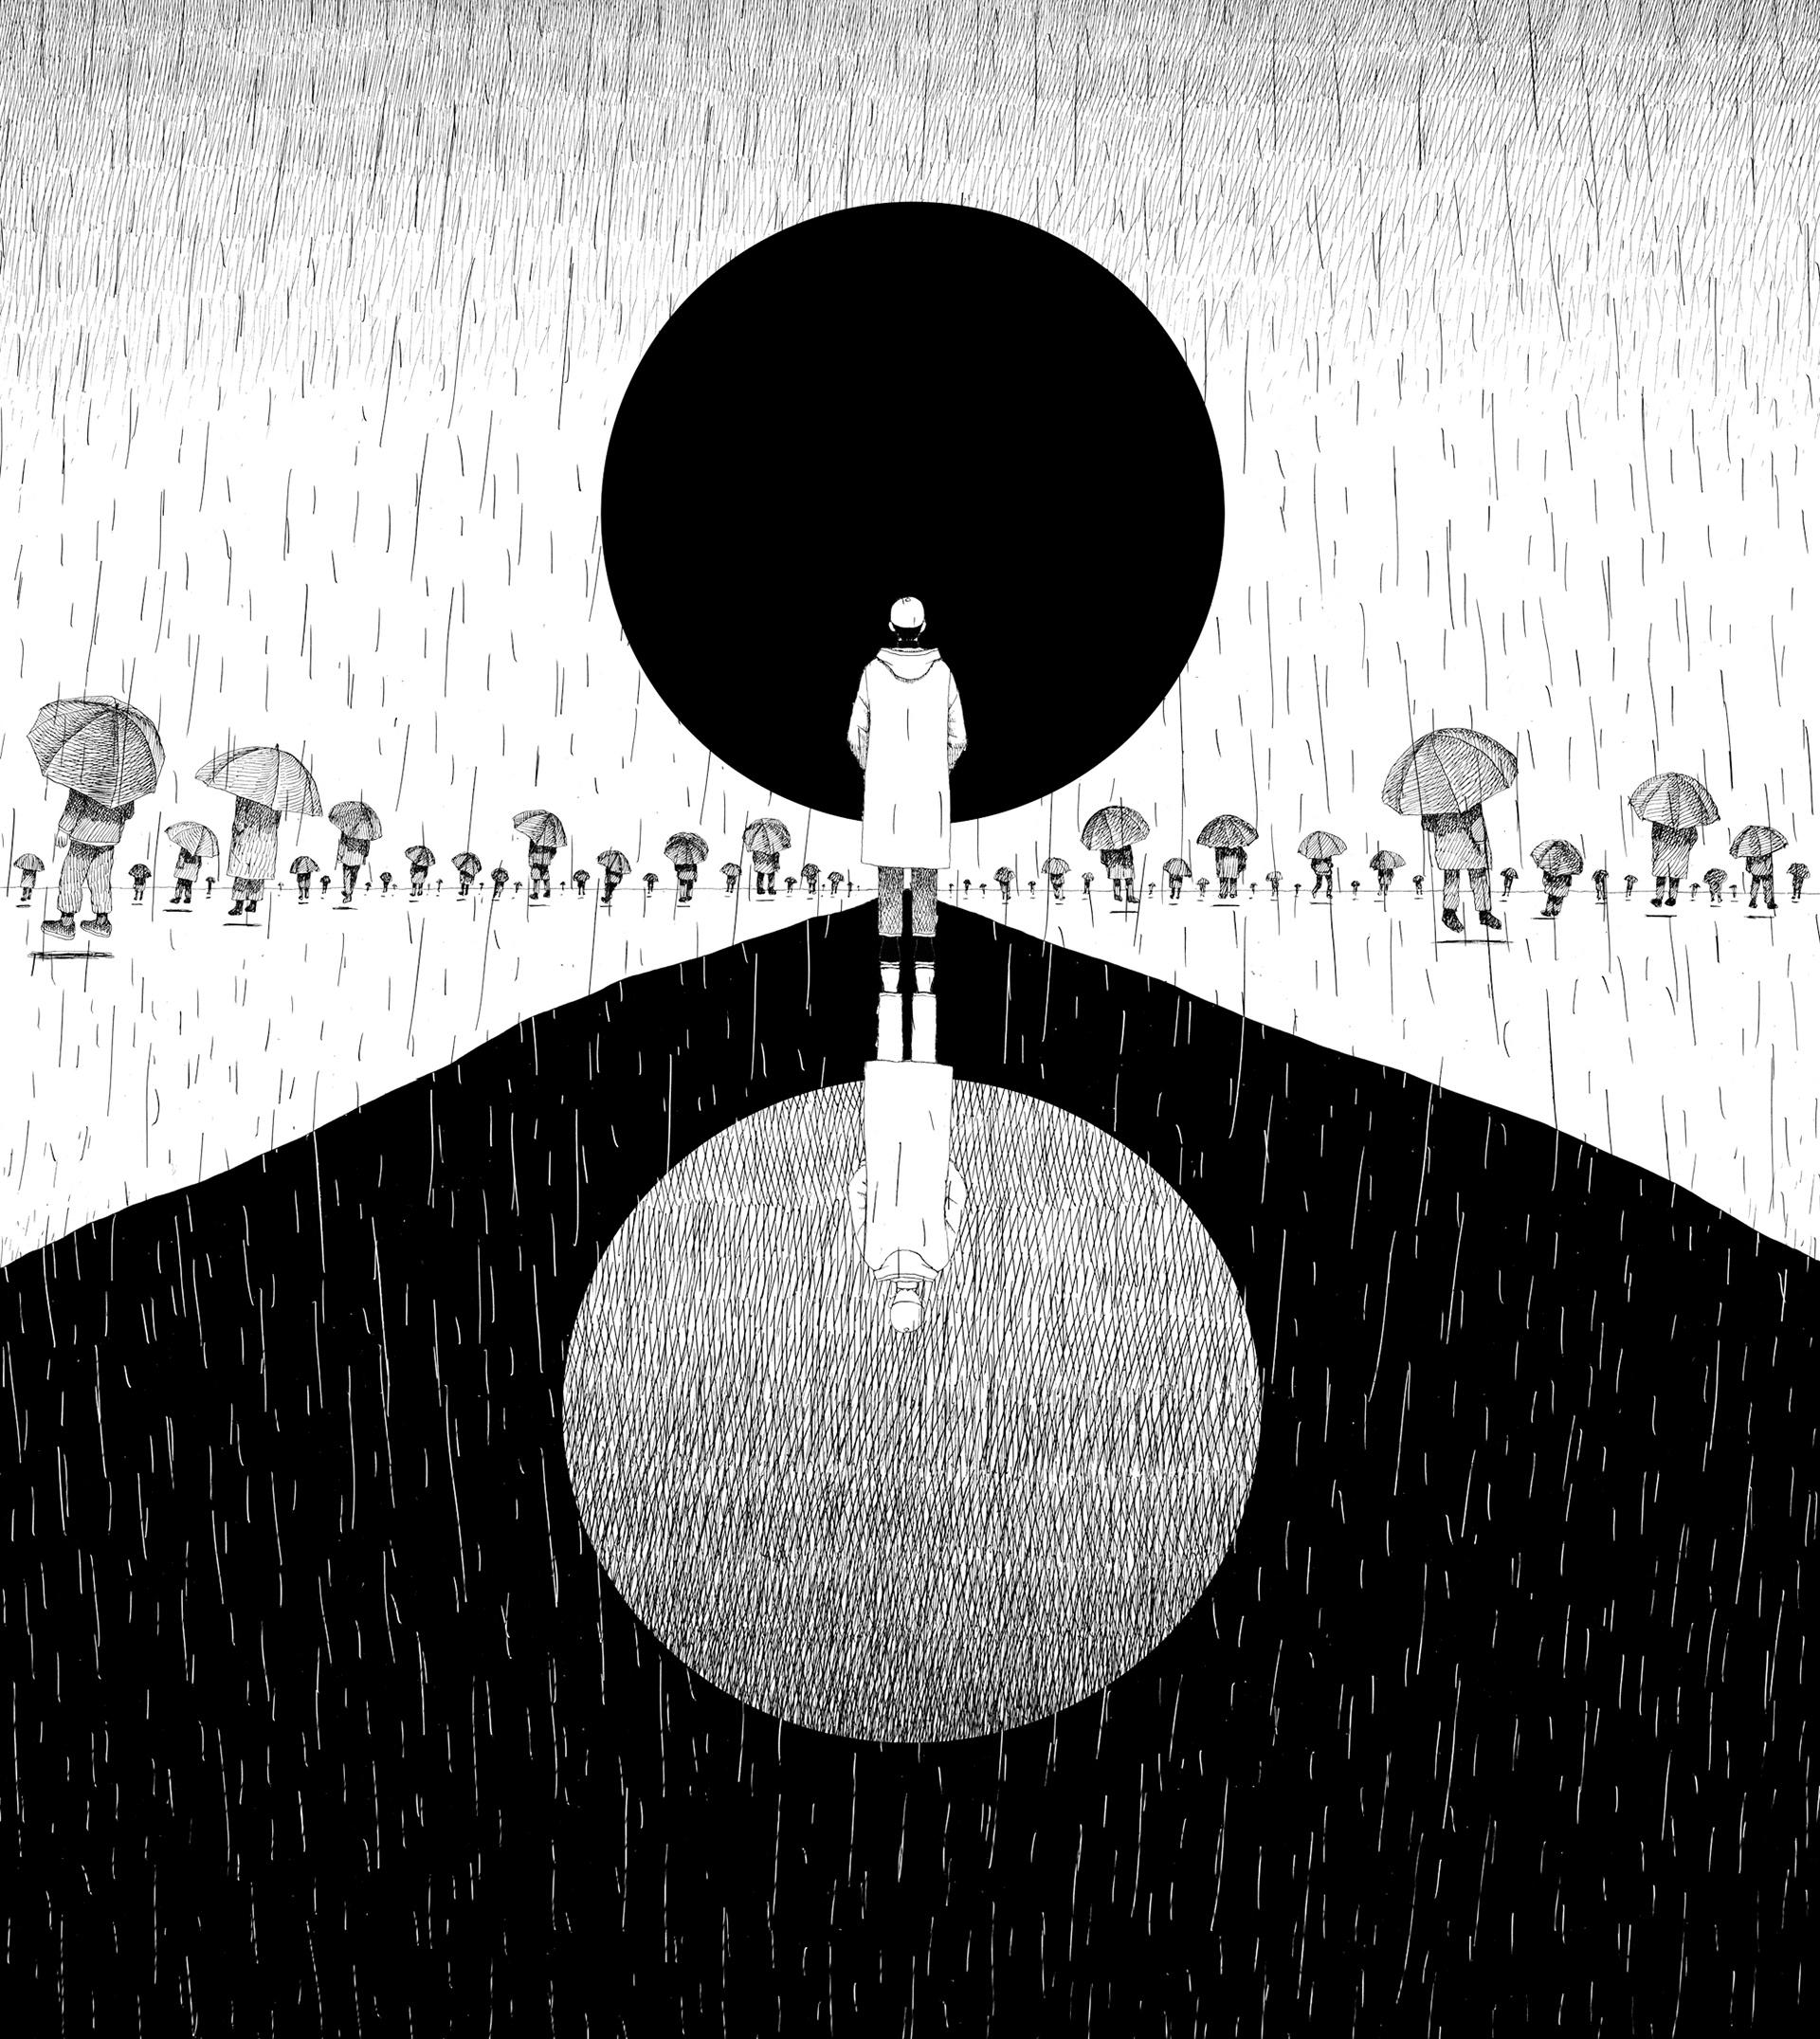 Bts Rm Solo Forever Rain Mv Artwork On Behance